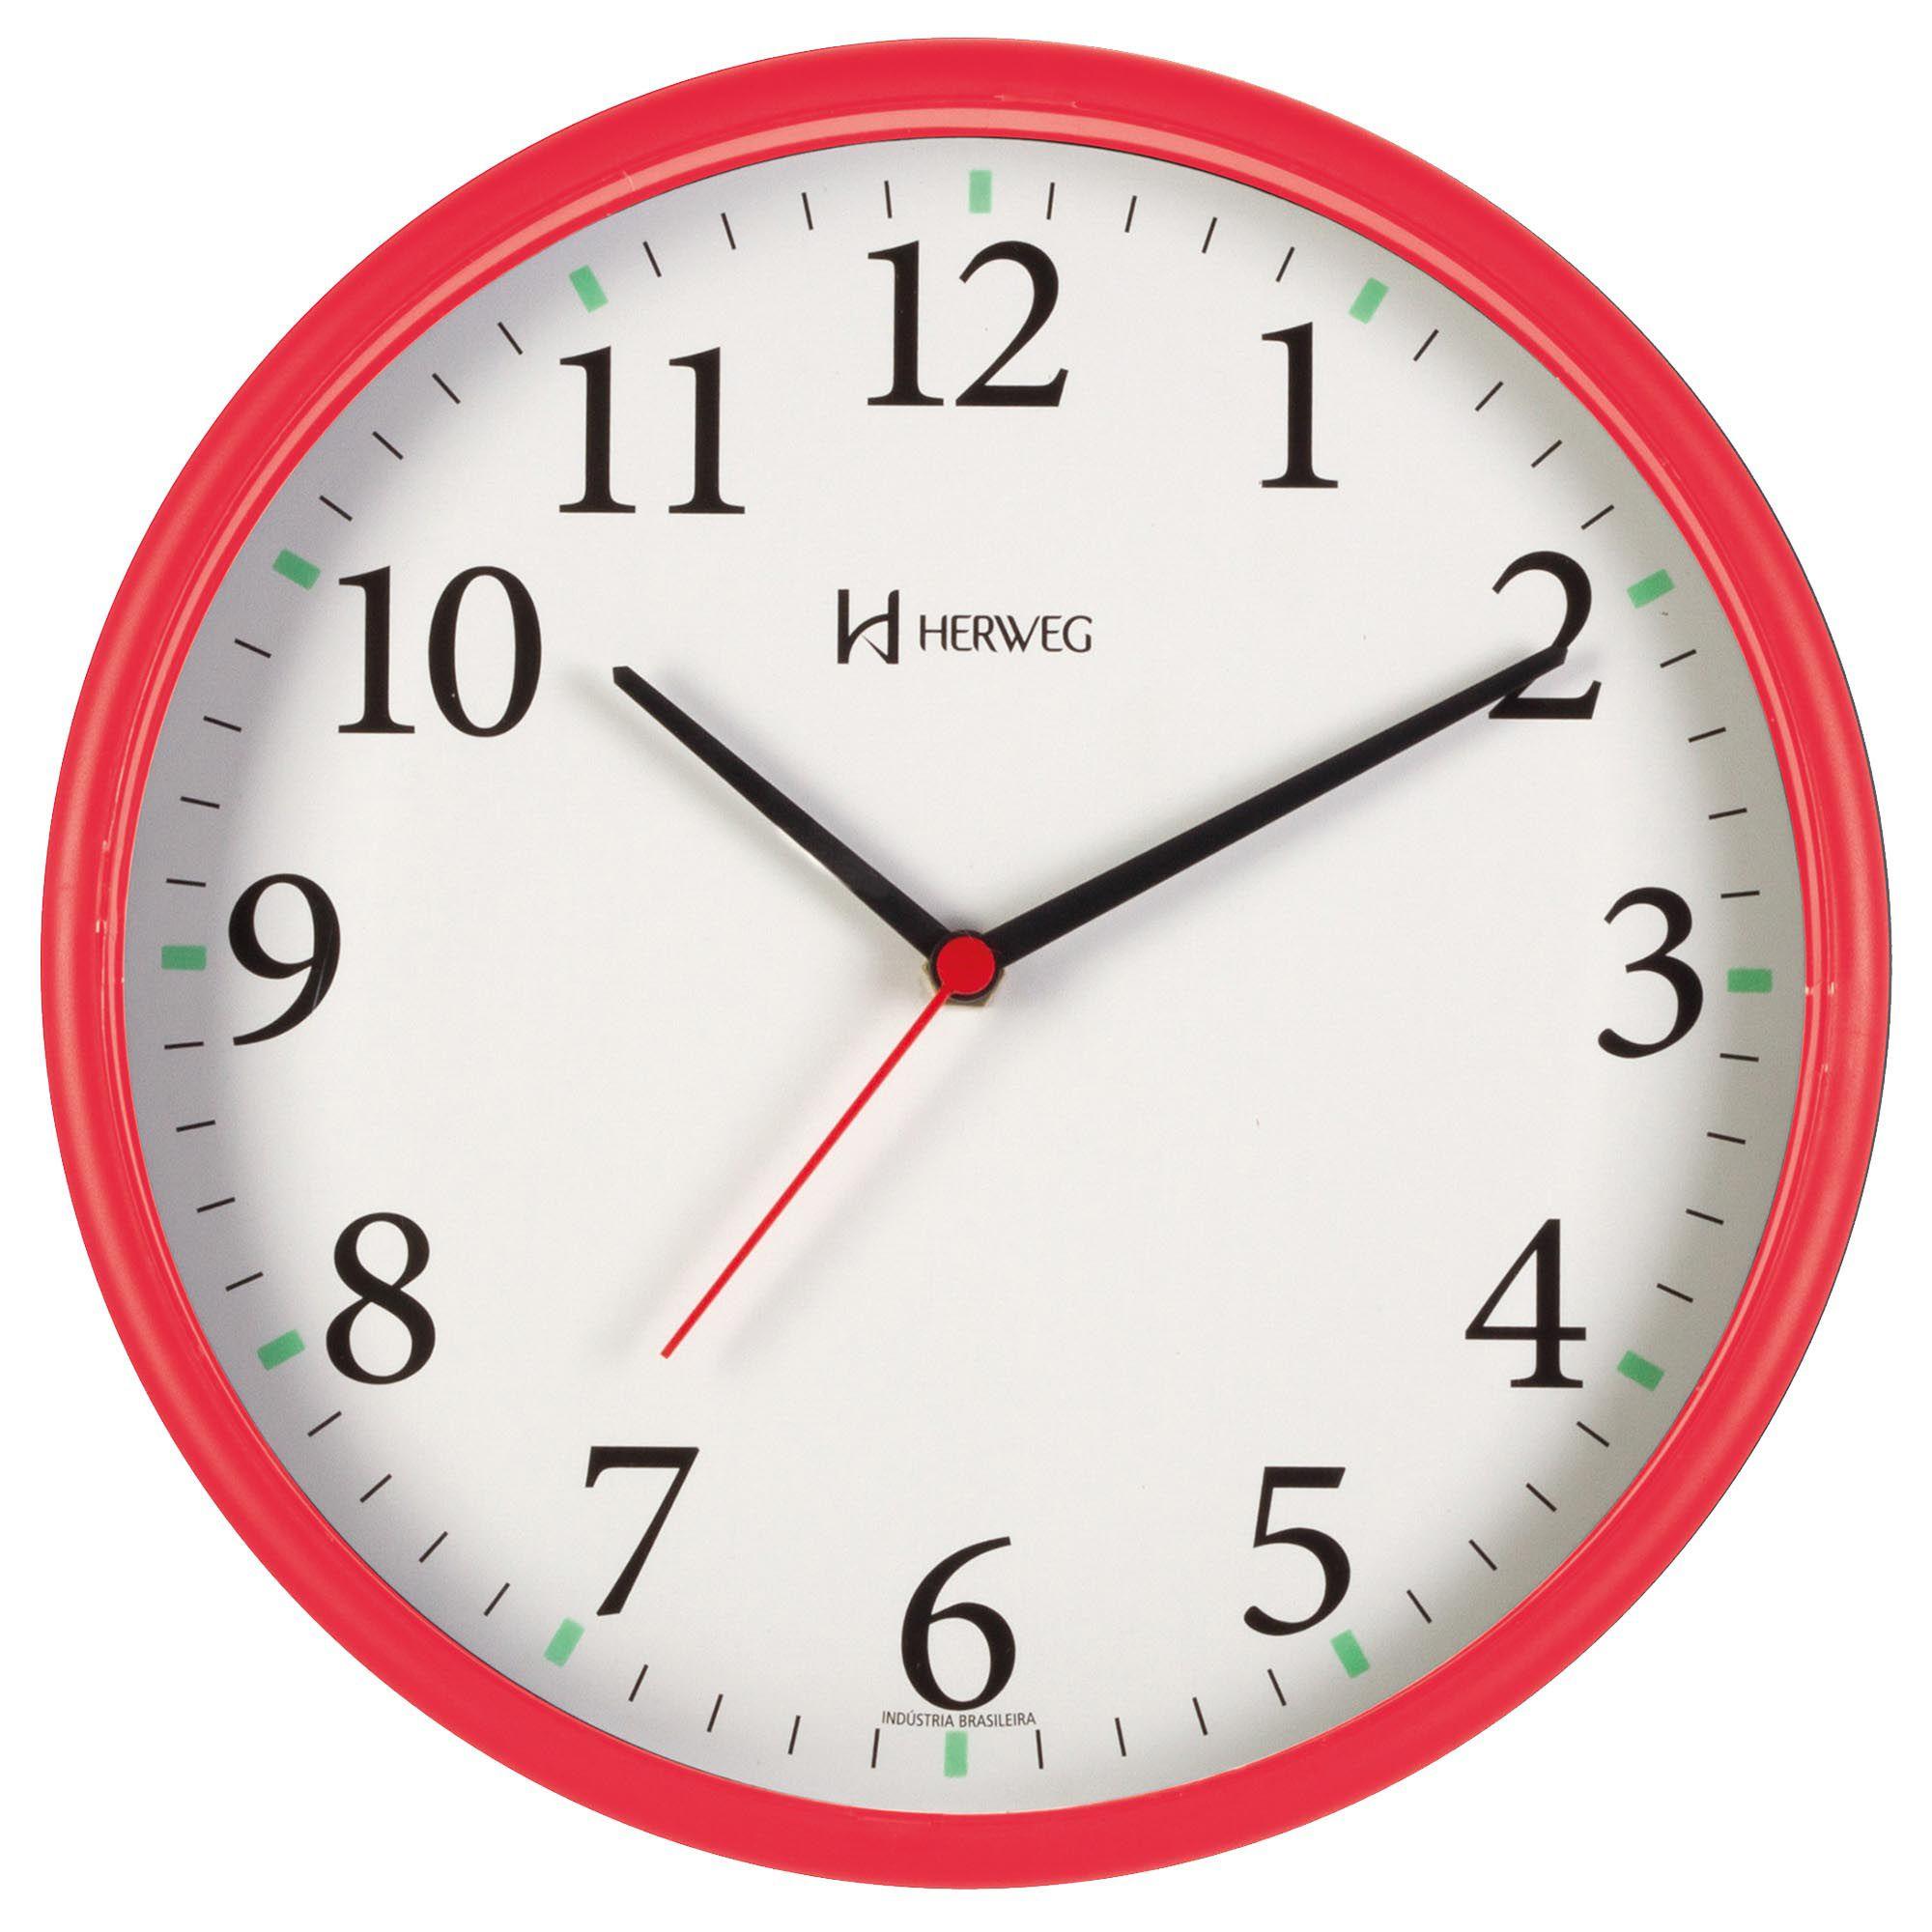 Relógio de Parede Analógico Herweg 660022 269 Vermelho Pantone